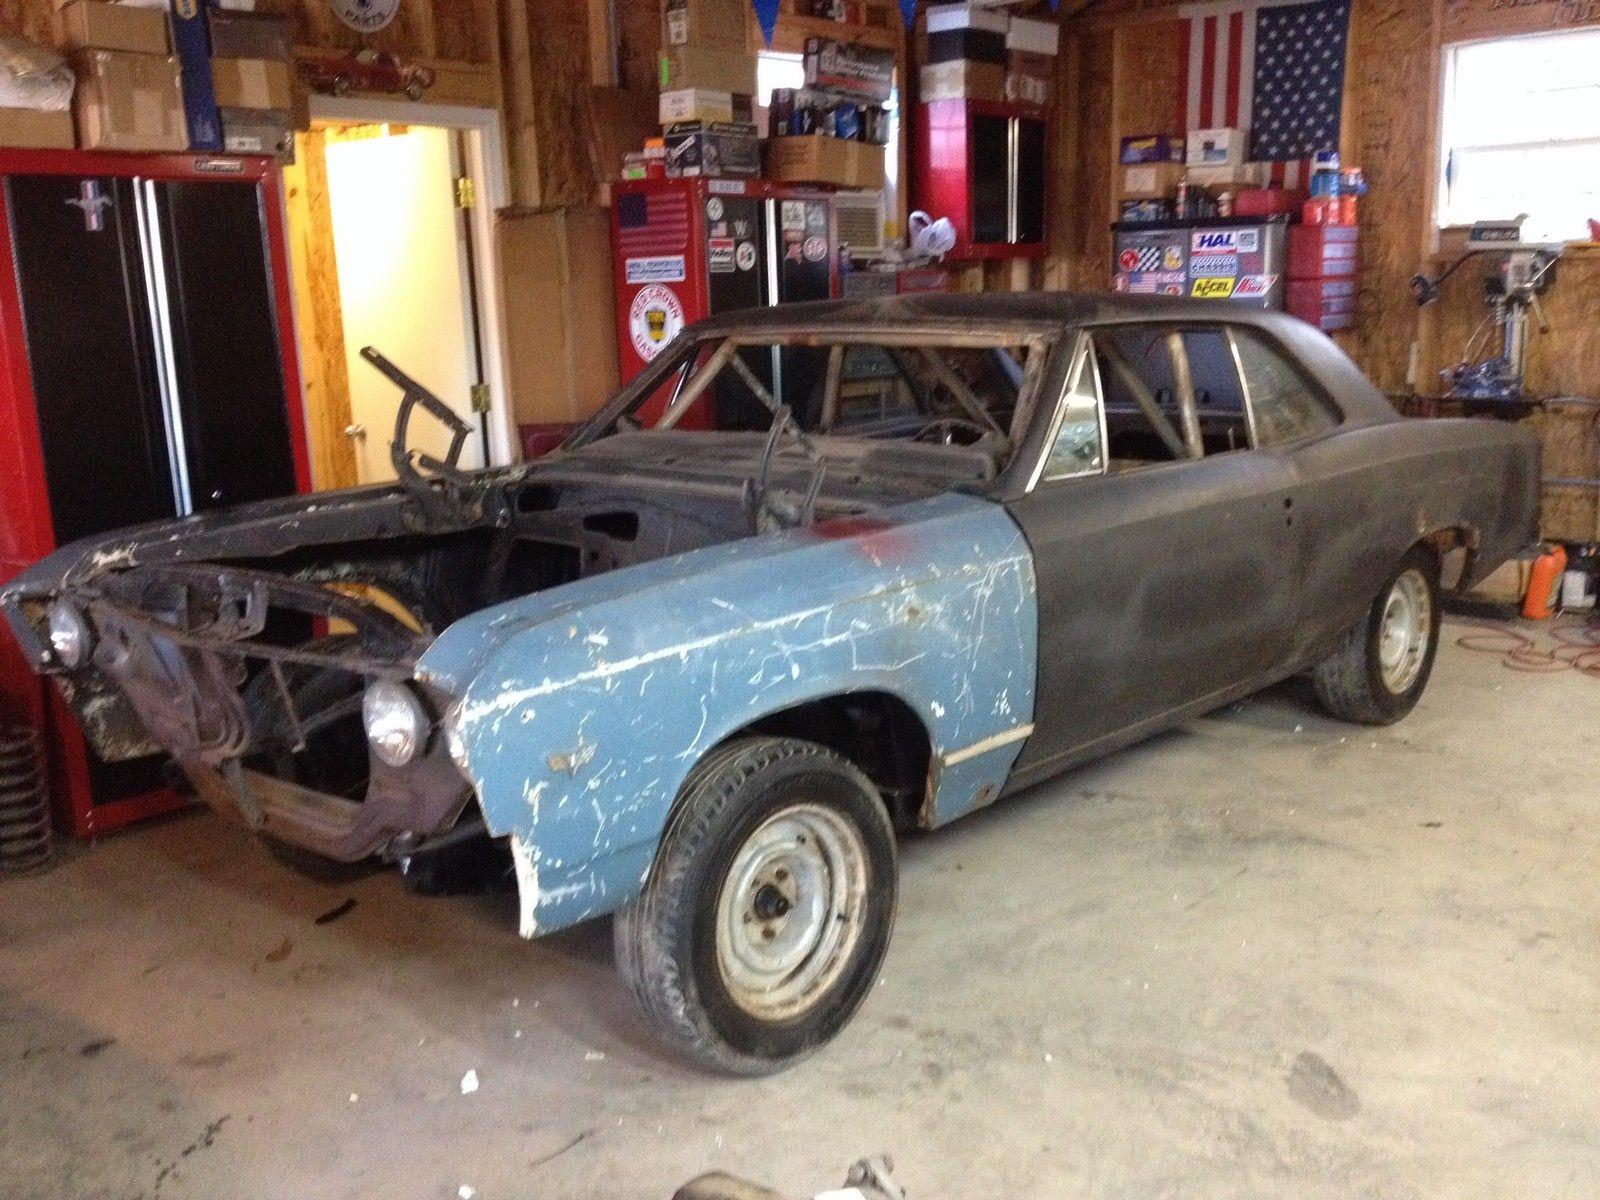 67 Chevelle Malibu (Project Car) for sale in New Roads, Louisiana ...